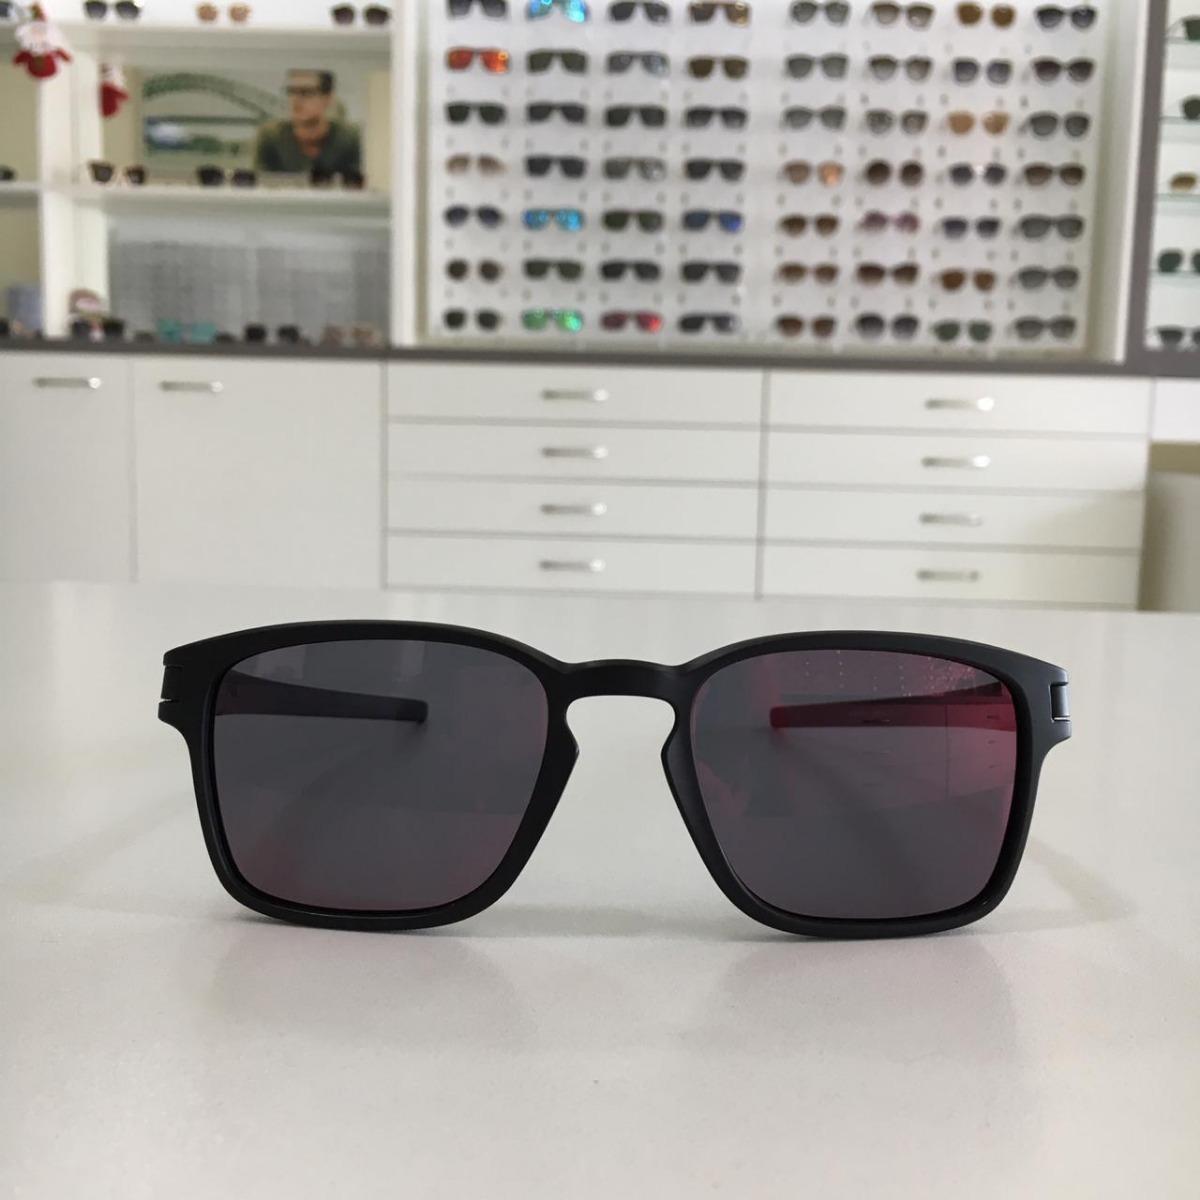 óculos solar masculino oakley oo9353 03 latch - original. Carregando zoom. b9c6f037c4